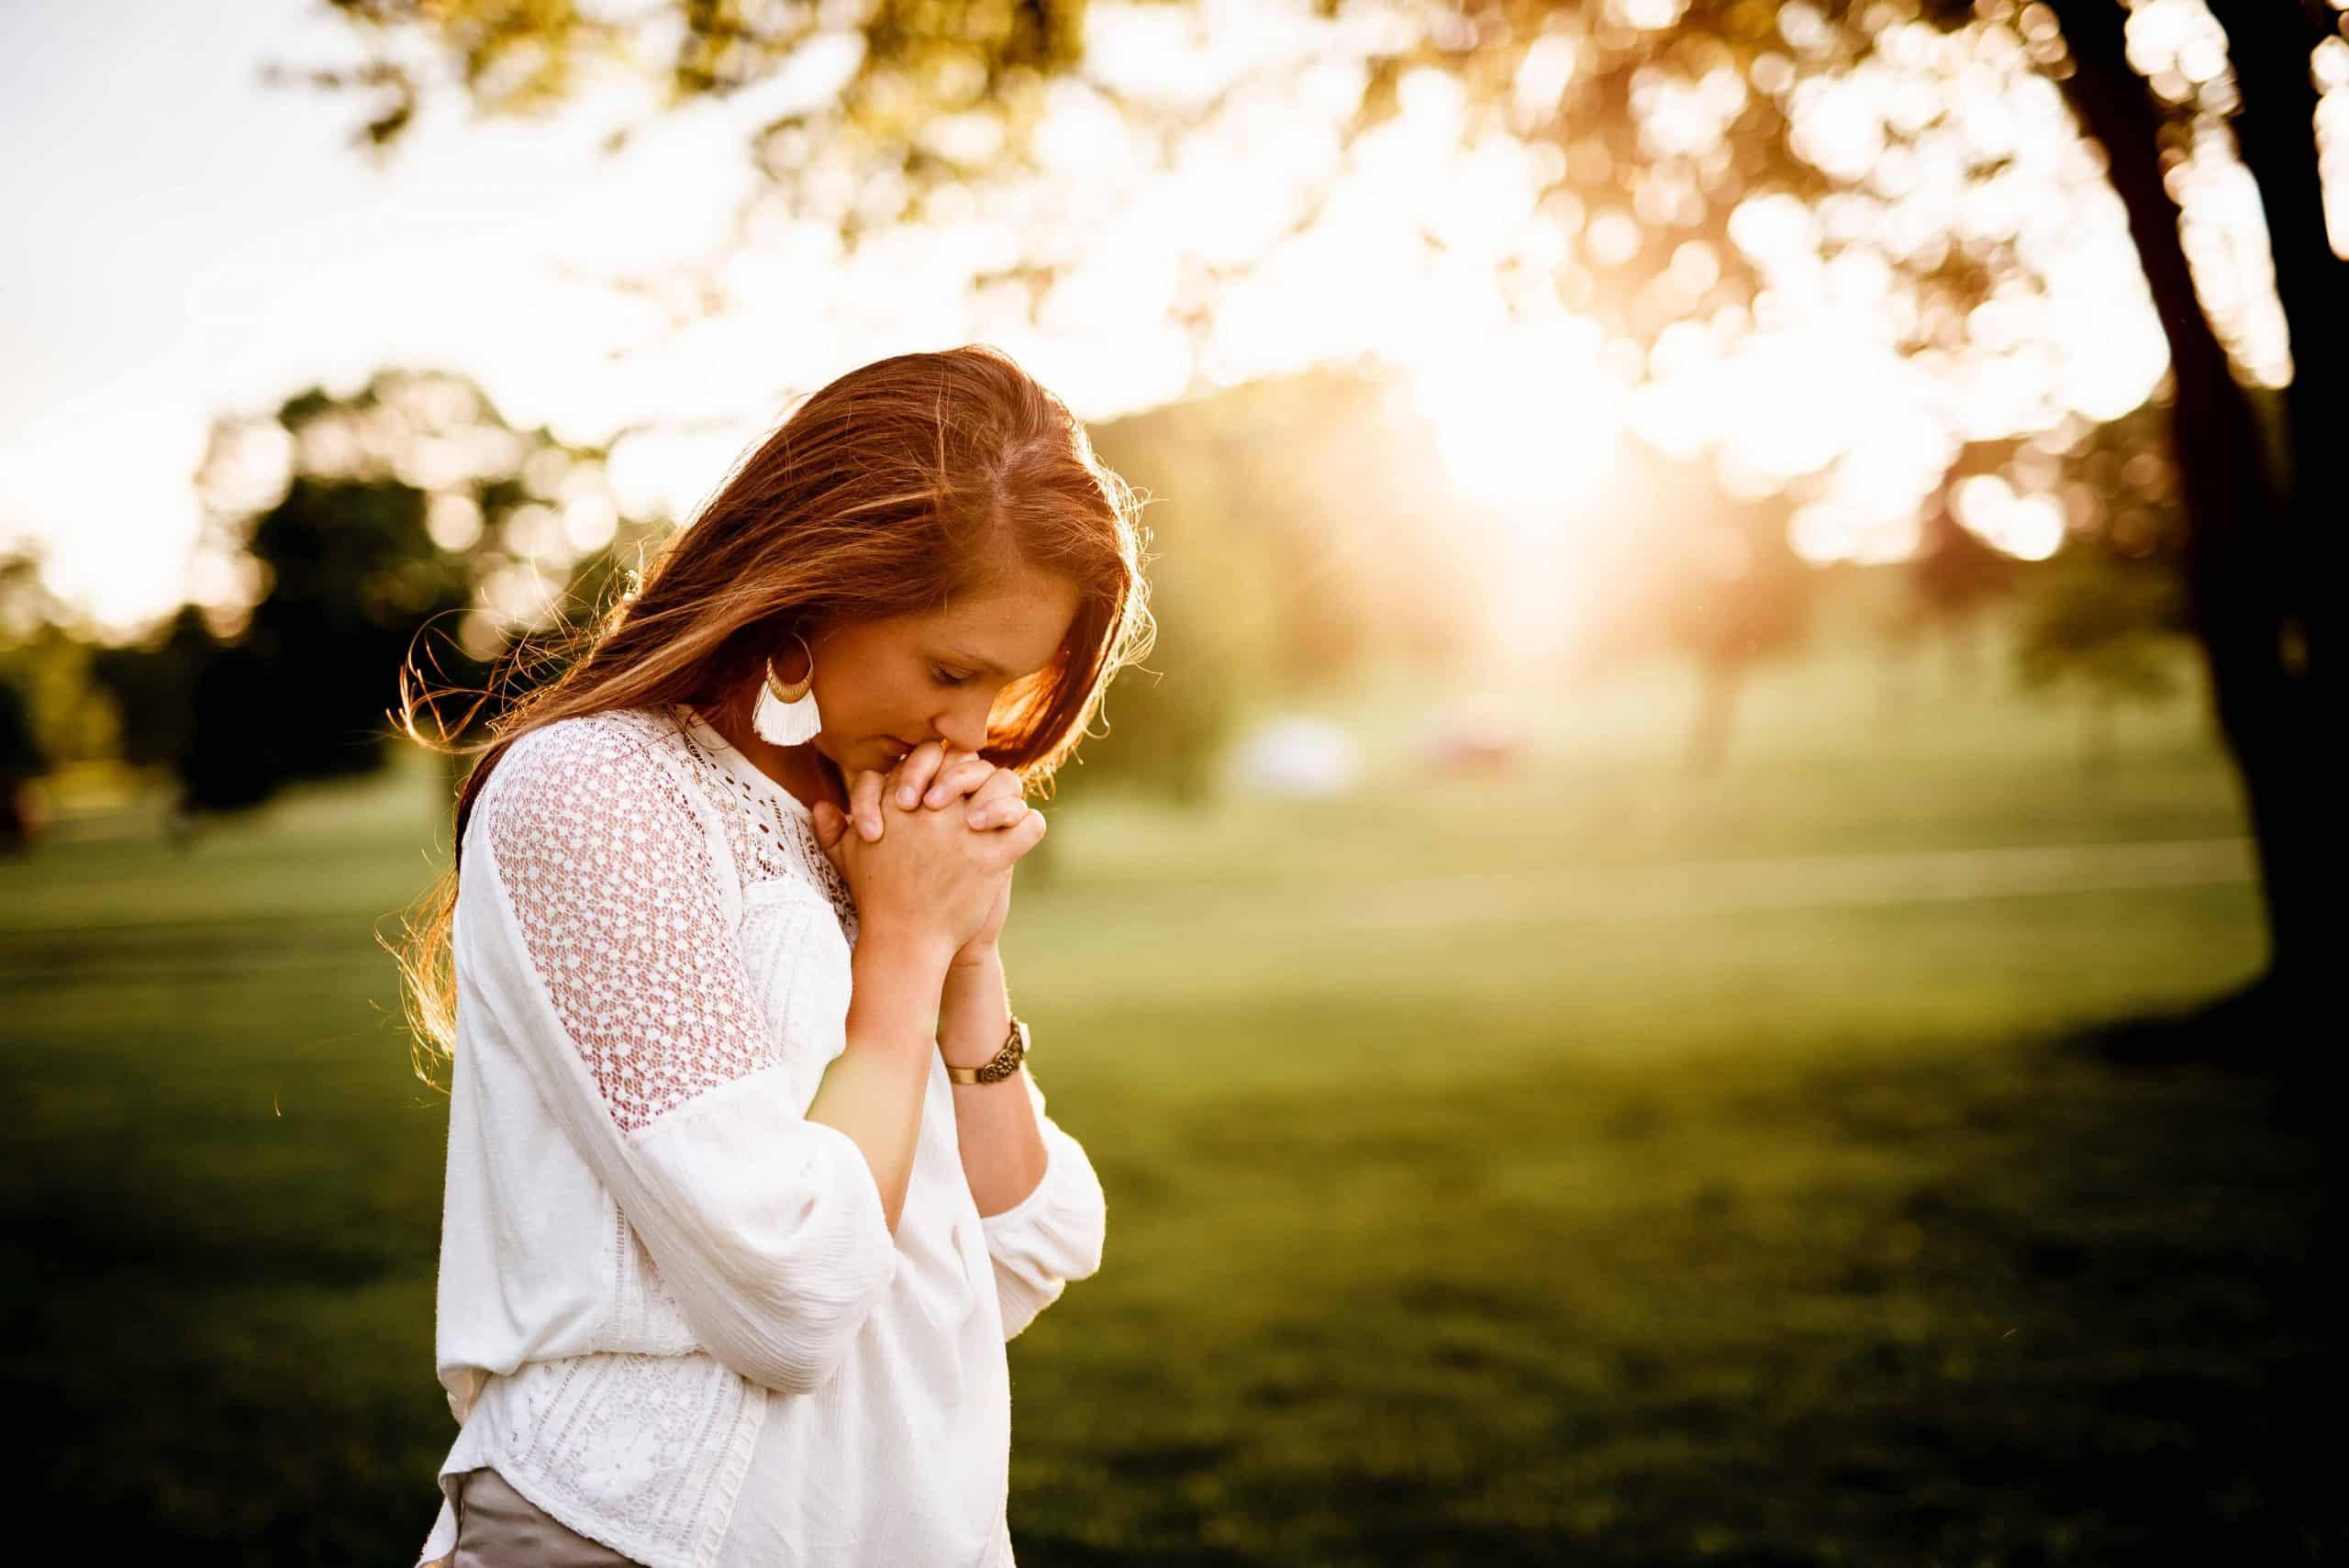 kvinna korsar fingrarna och tittar mot marken